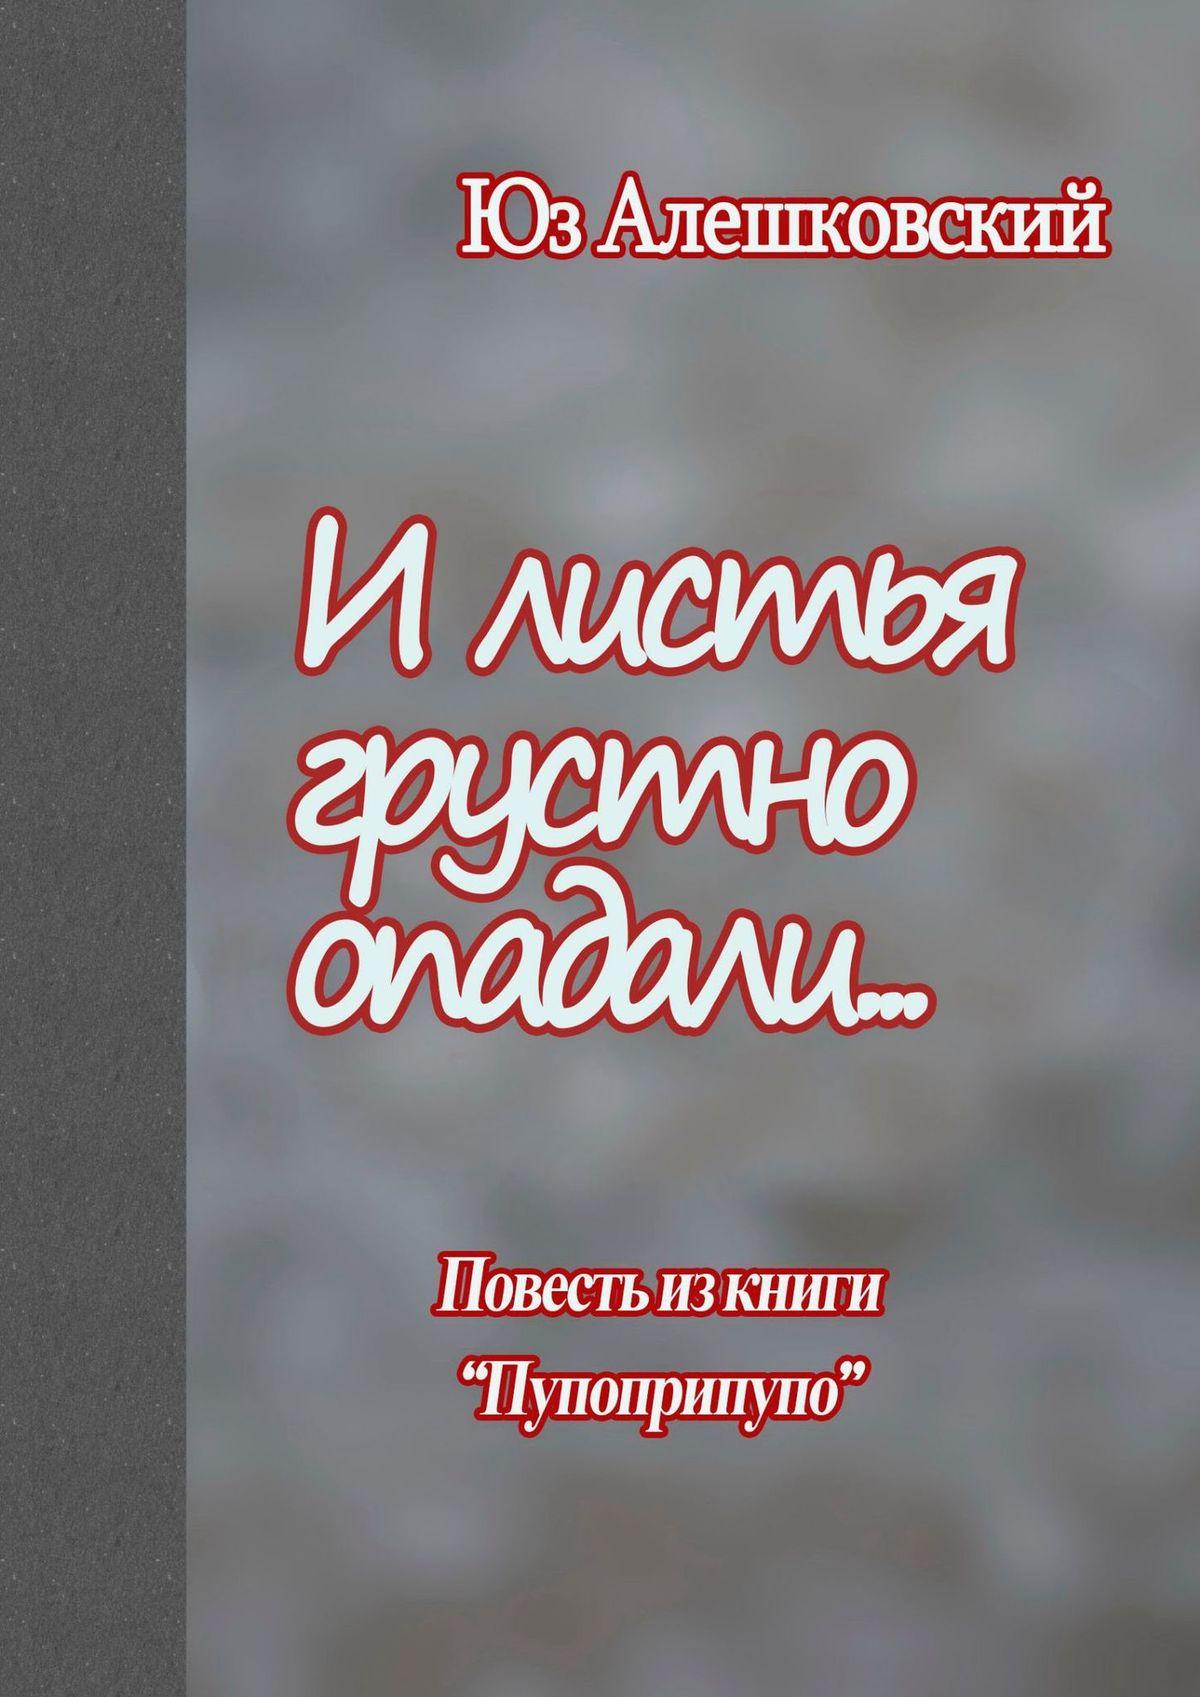 Юз Алешковский Блошиное танго. Повесть изкниги «Пупоприпупо»